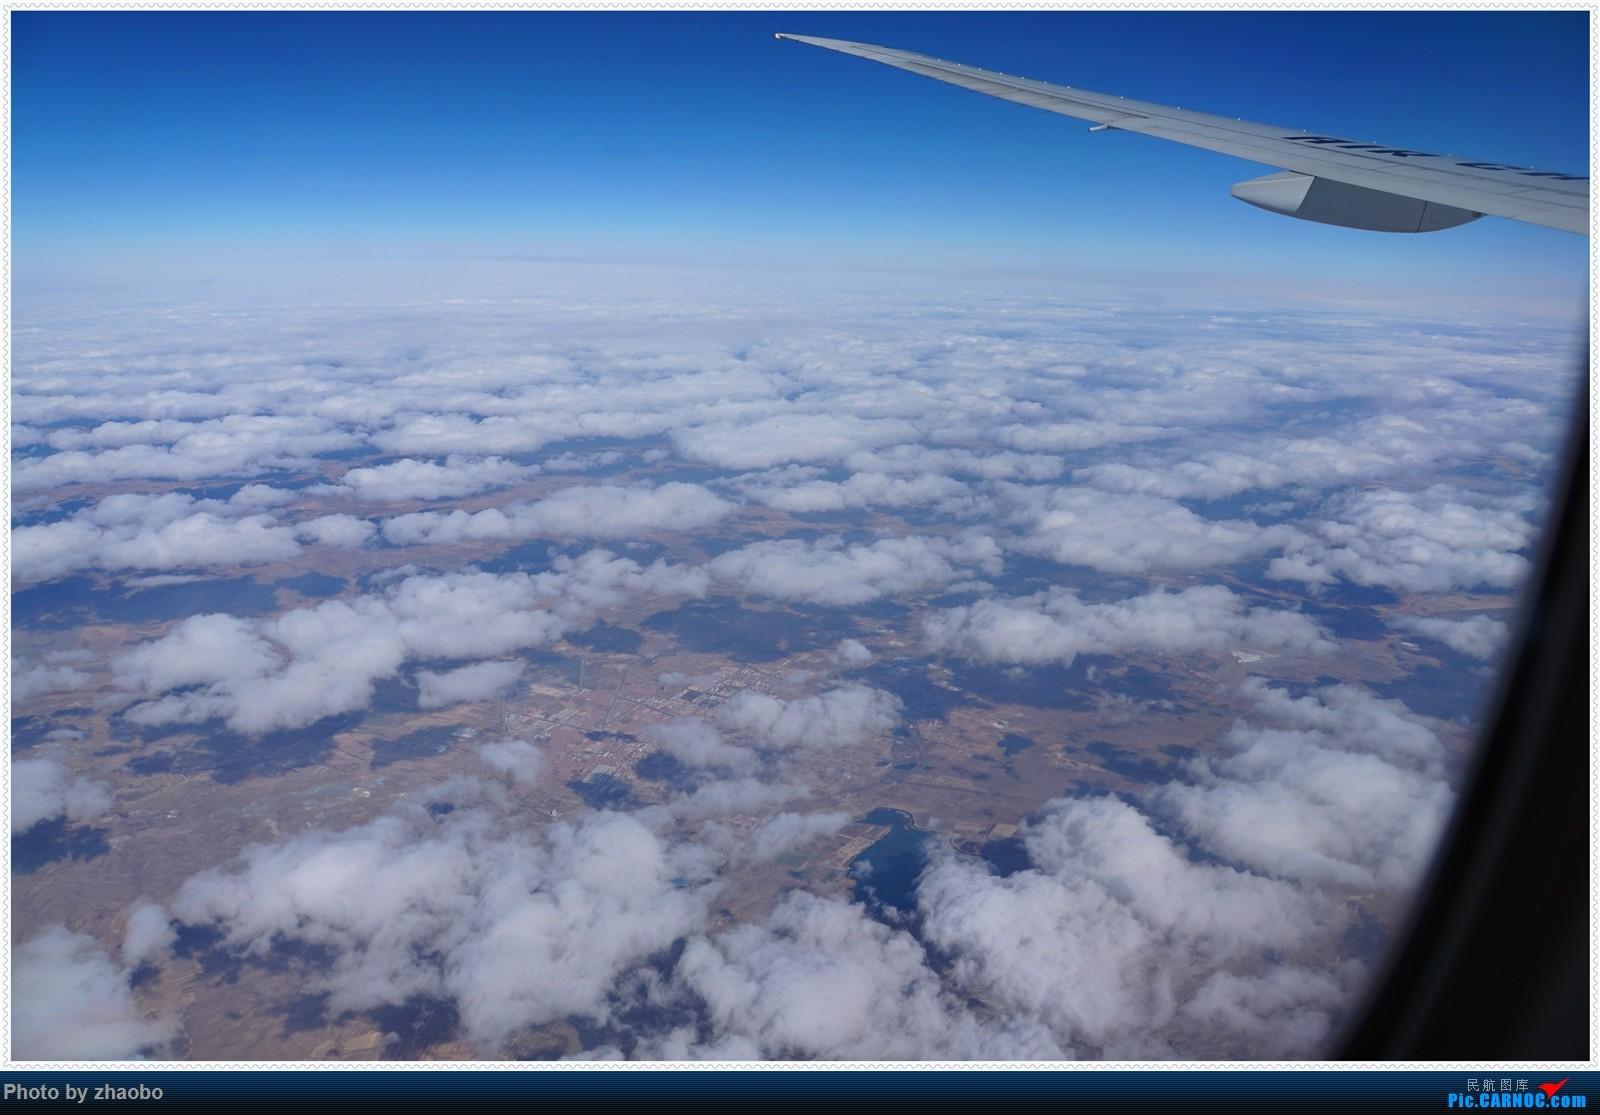 Re:[原创]从南到北游英伦-我的星空之旅,汉莎航空初体验和一点不输给欧洲列强的国航